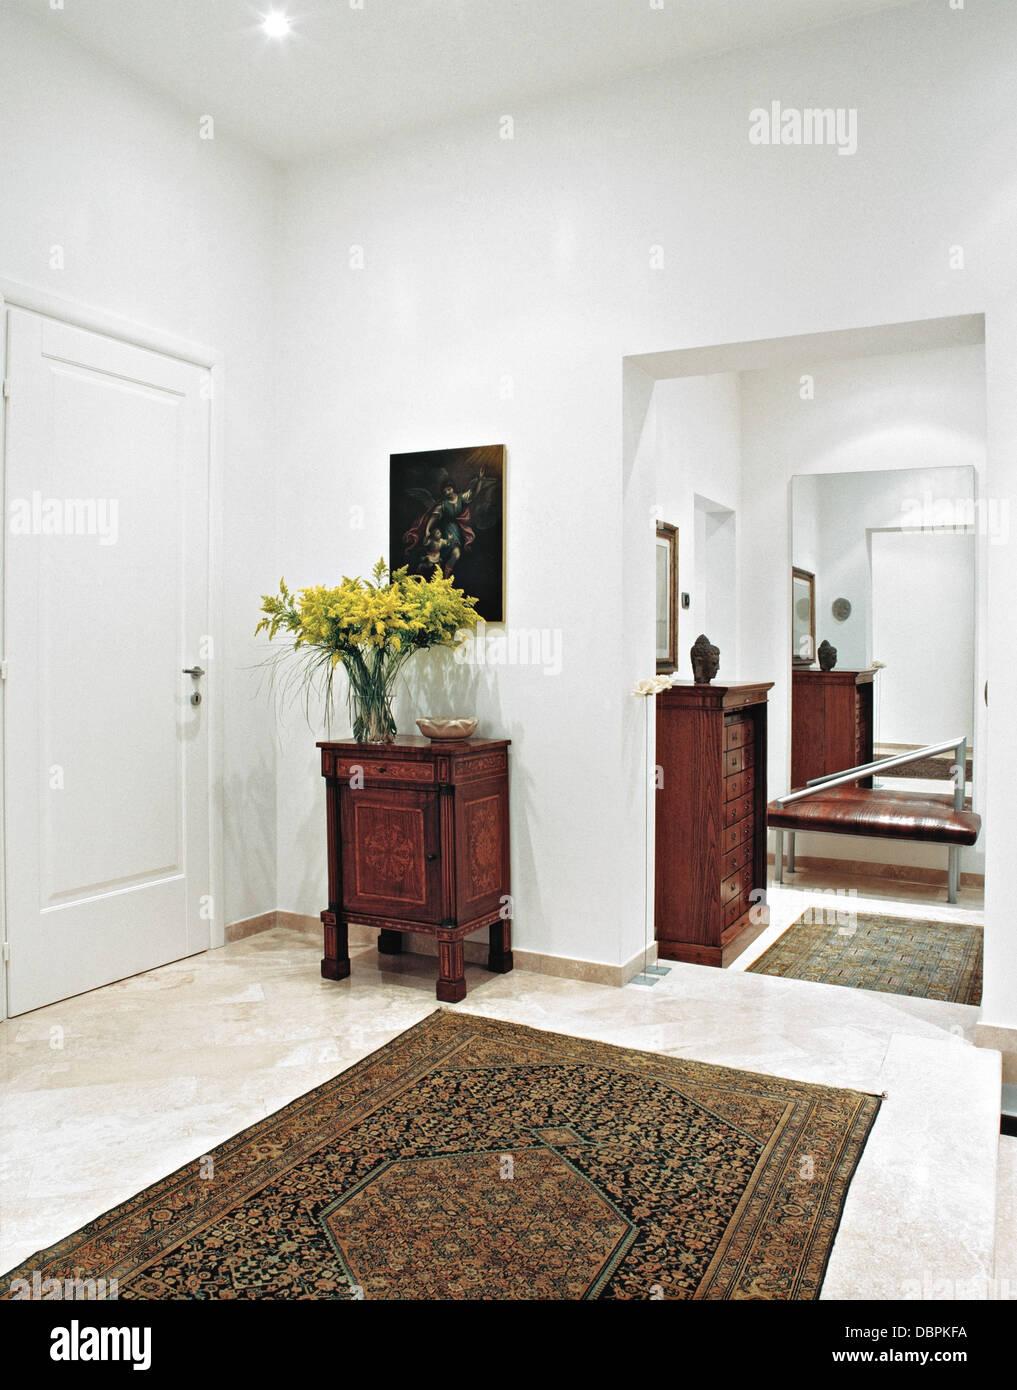 Mobili antichi con un grande specchio e tappeti antichi in - Specchio ingresso moderno ...